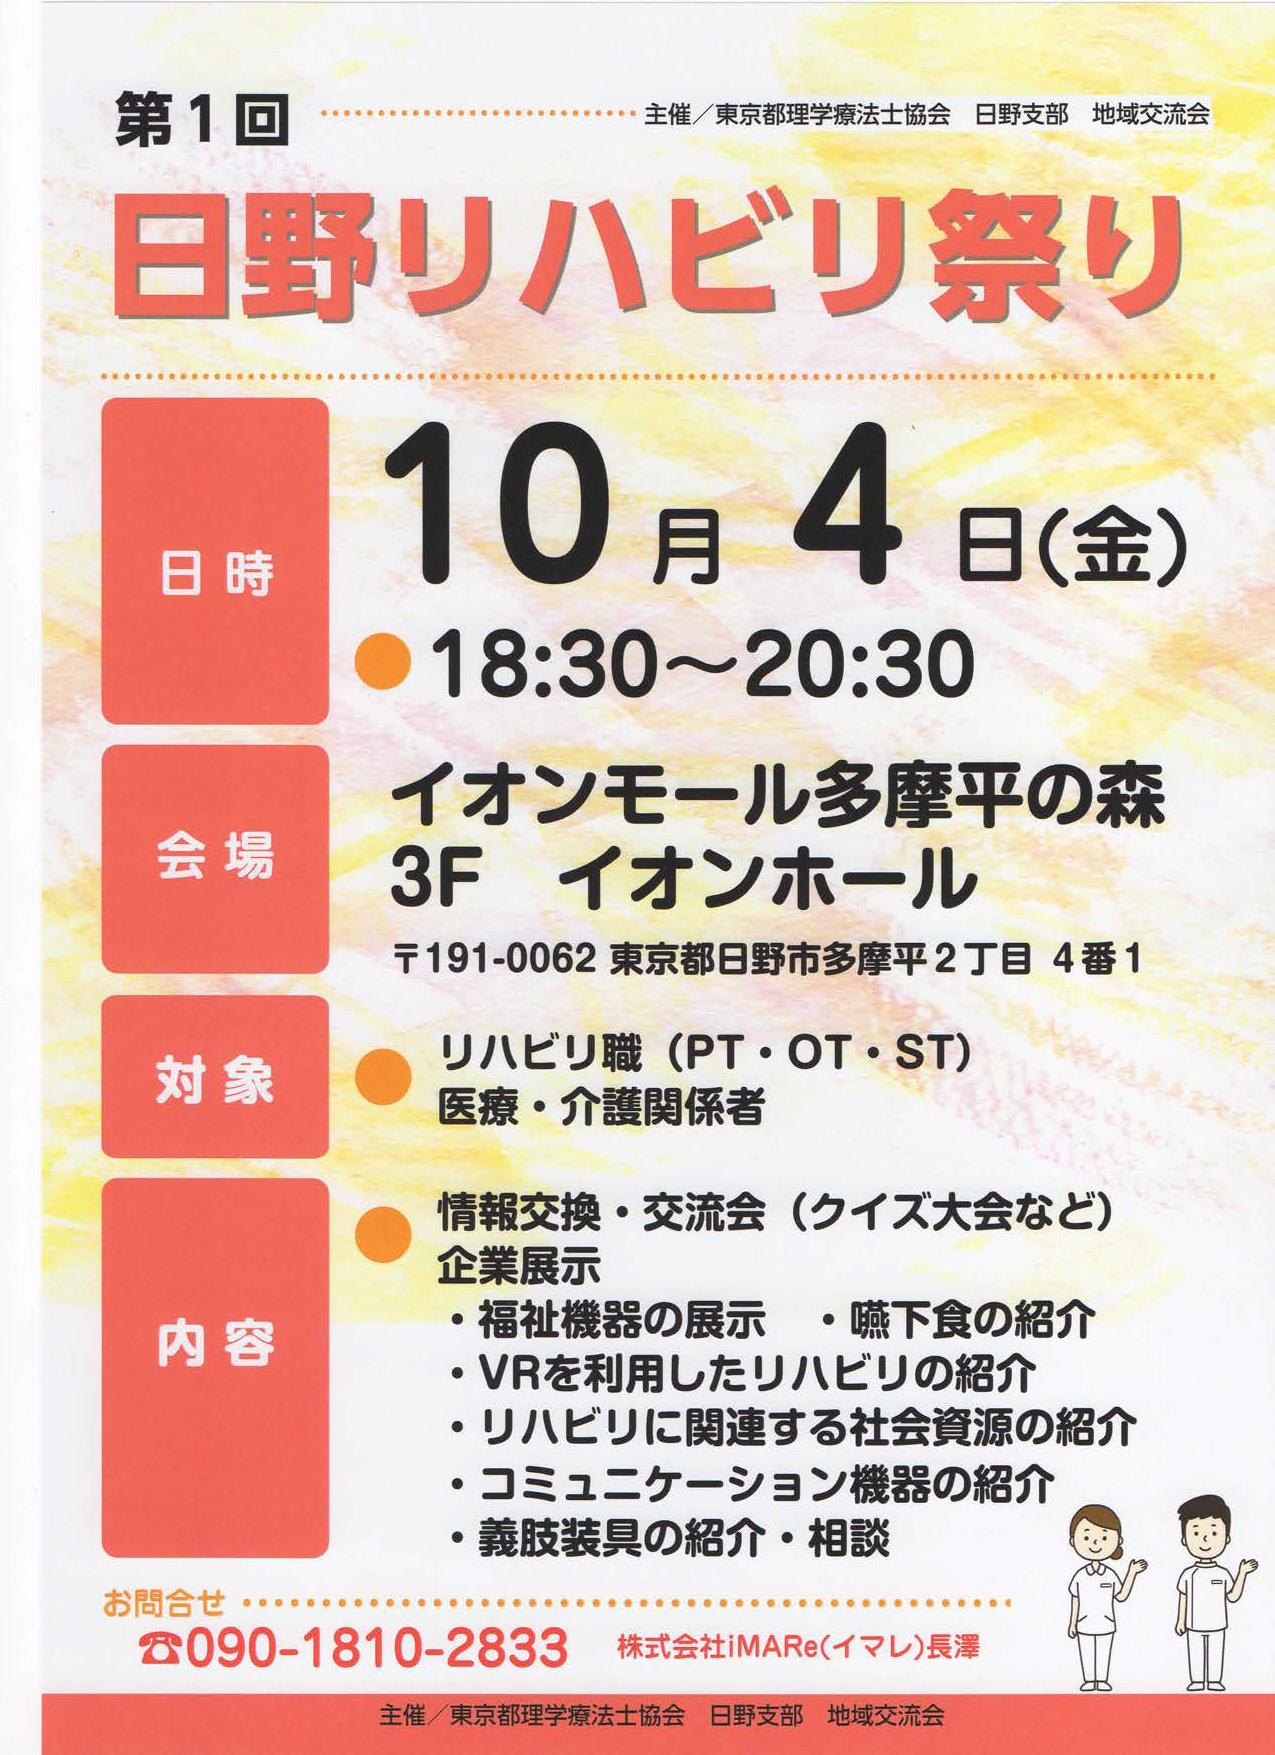 吉岡准教授が研究開発したVRプログラムを日野市リハビリ祭りに出展